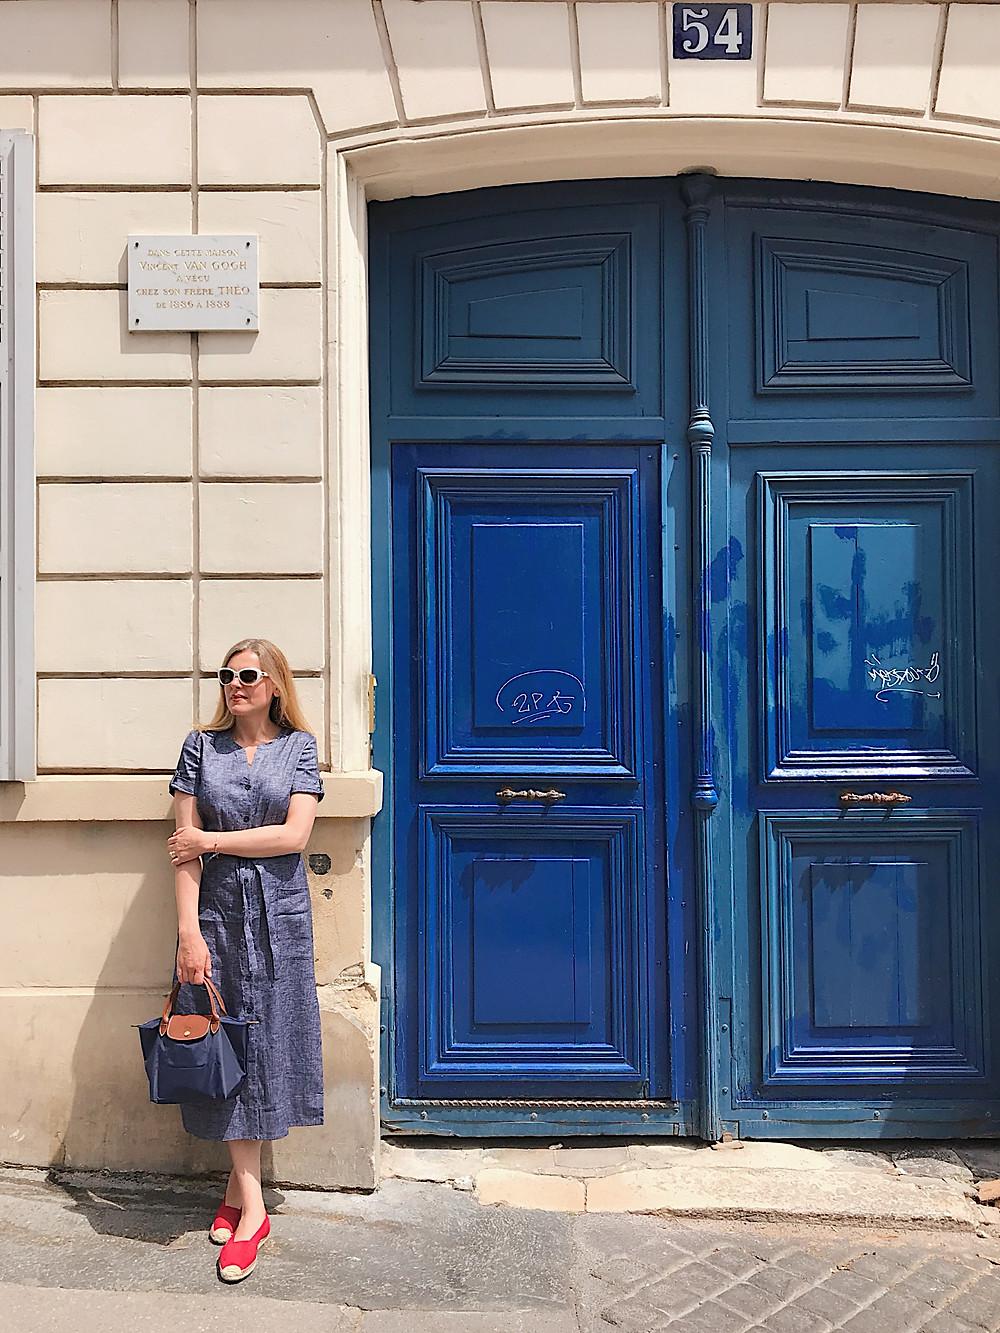 woman next to blue doors